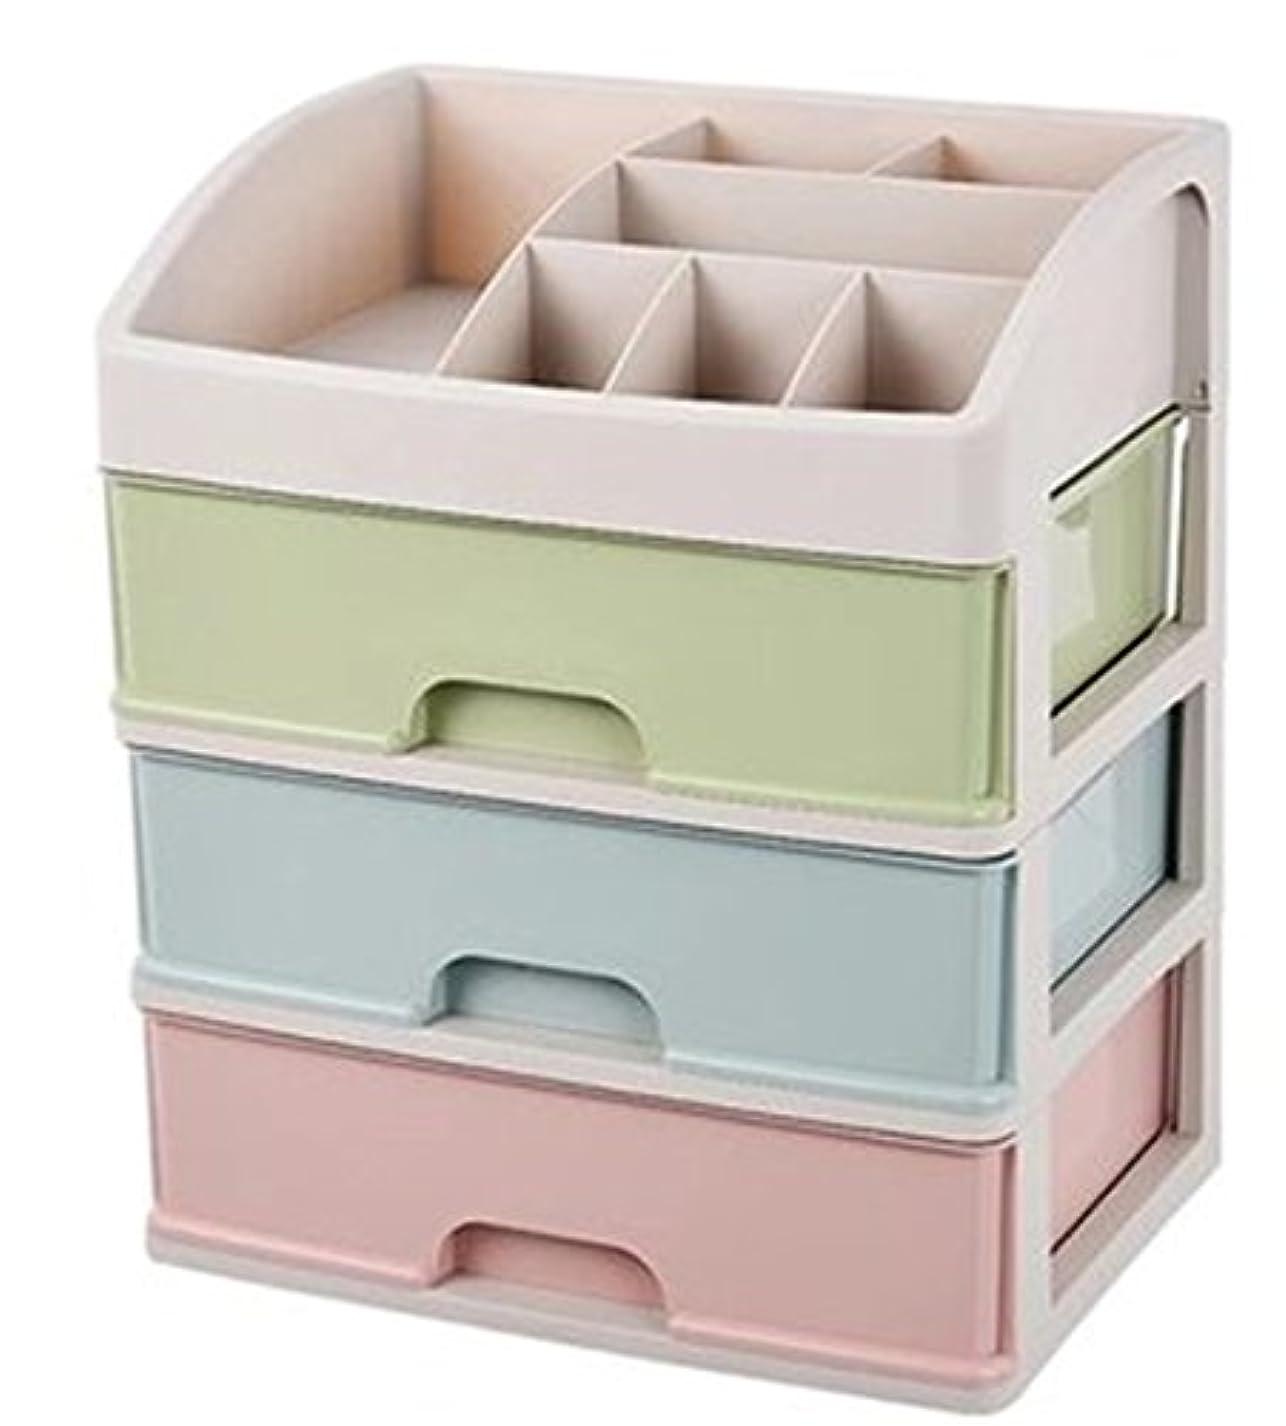 確立里親袋ZUOMAメークボックス 化粧品収納ボックス コスメスタンド 引き出し式 メークケース 小物/化粧品入れ コスメ収納 透明アクリル 大容量 (マカロン34*25*40CM(3層))